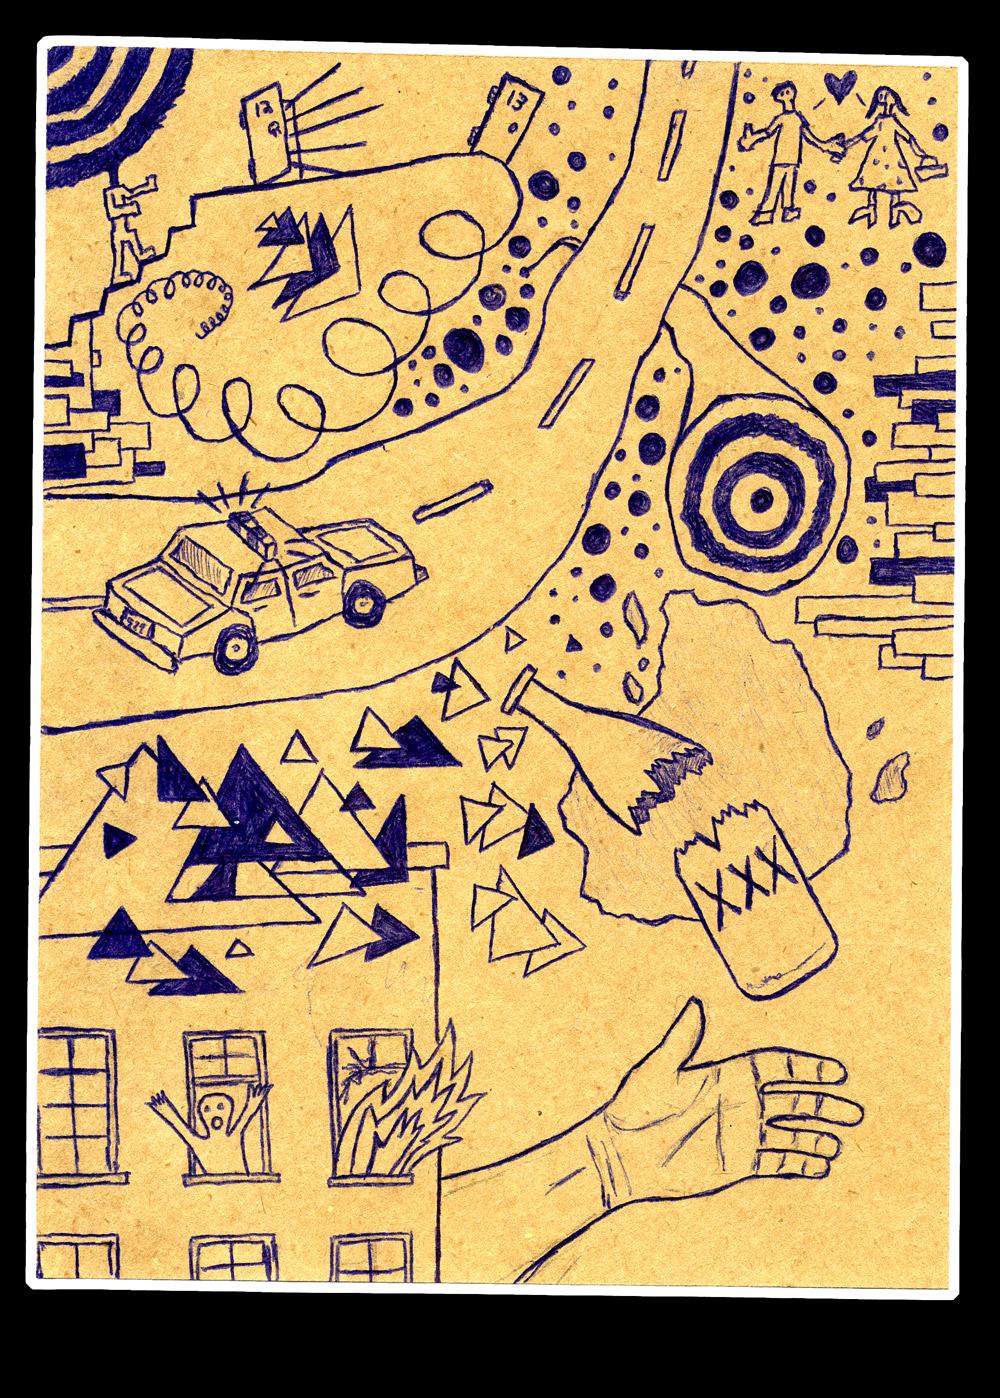 Final-Doodle.jpg